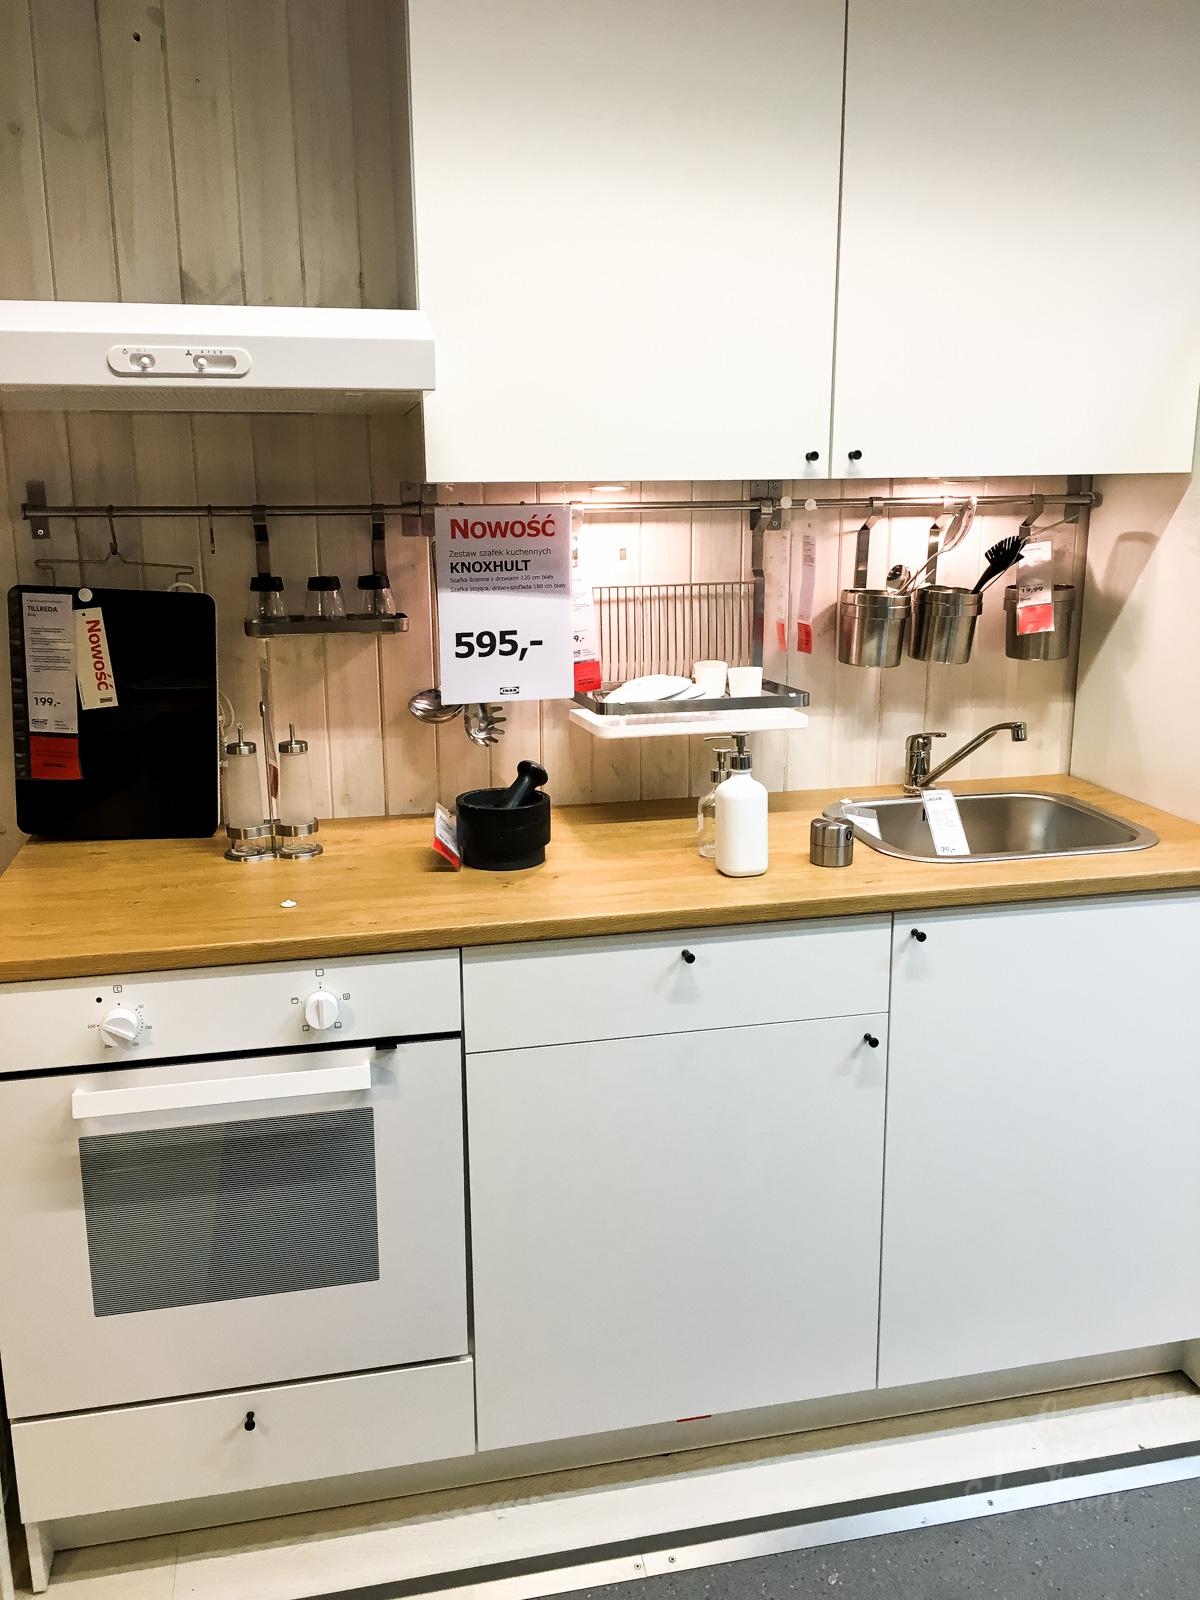 ikea aran acje szafy ka lampy kuchnie czyli co nowego w sklepie i katalogu na 2017. Black Bedroom Furniture Sets. Home Design Ideas